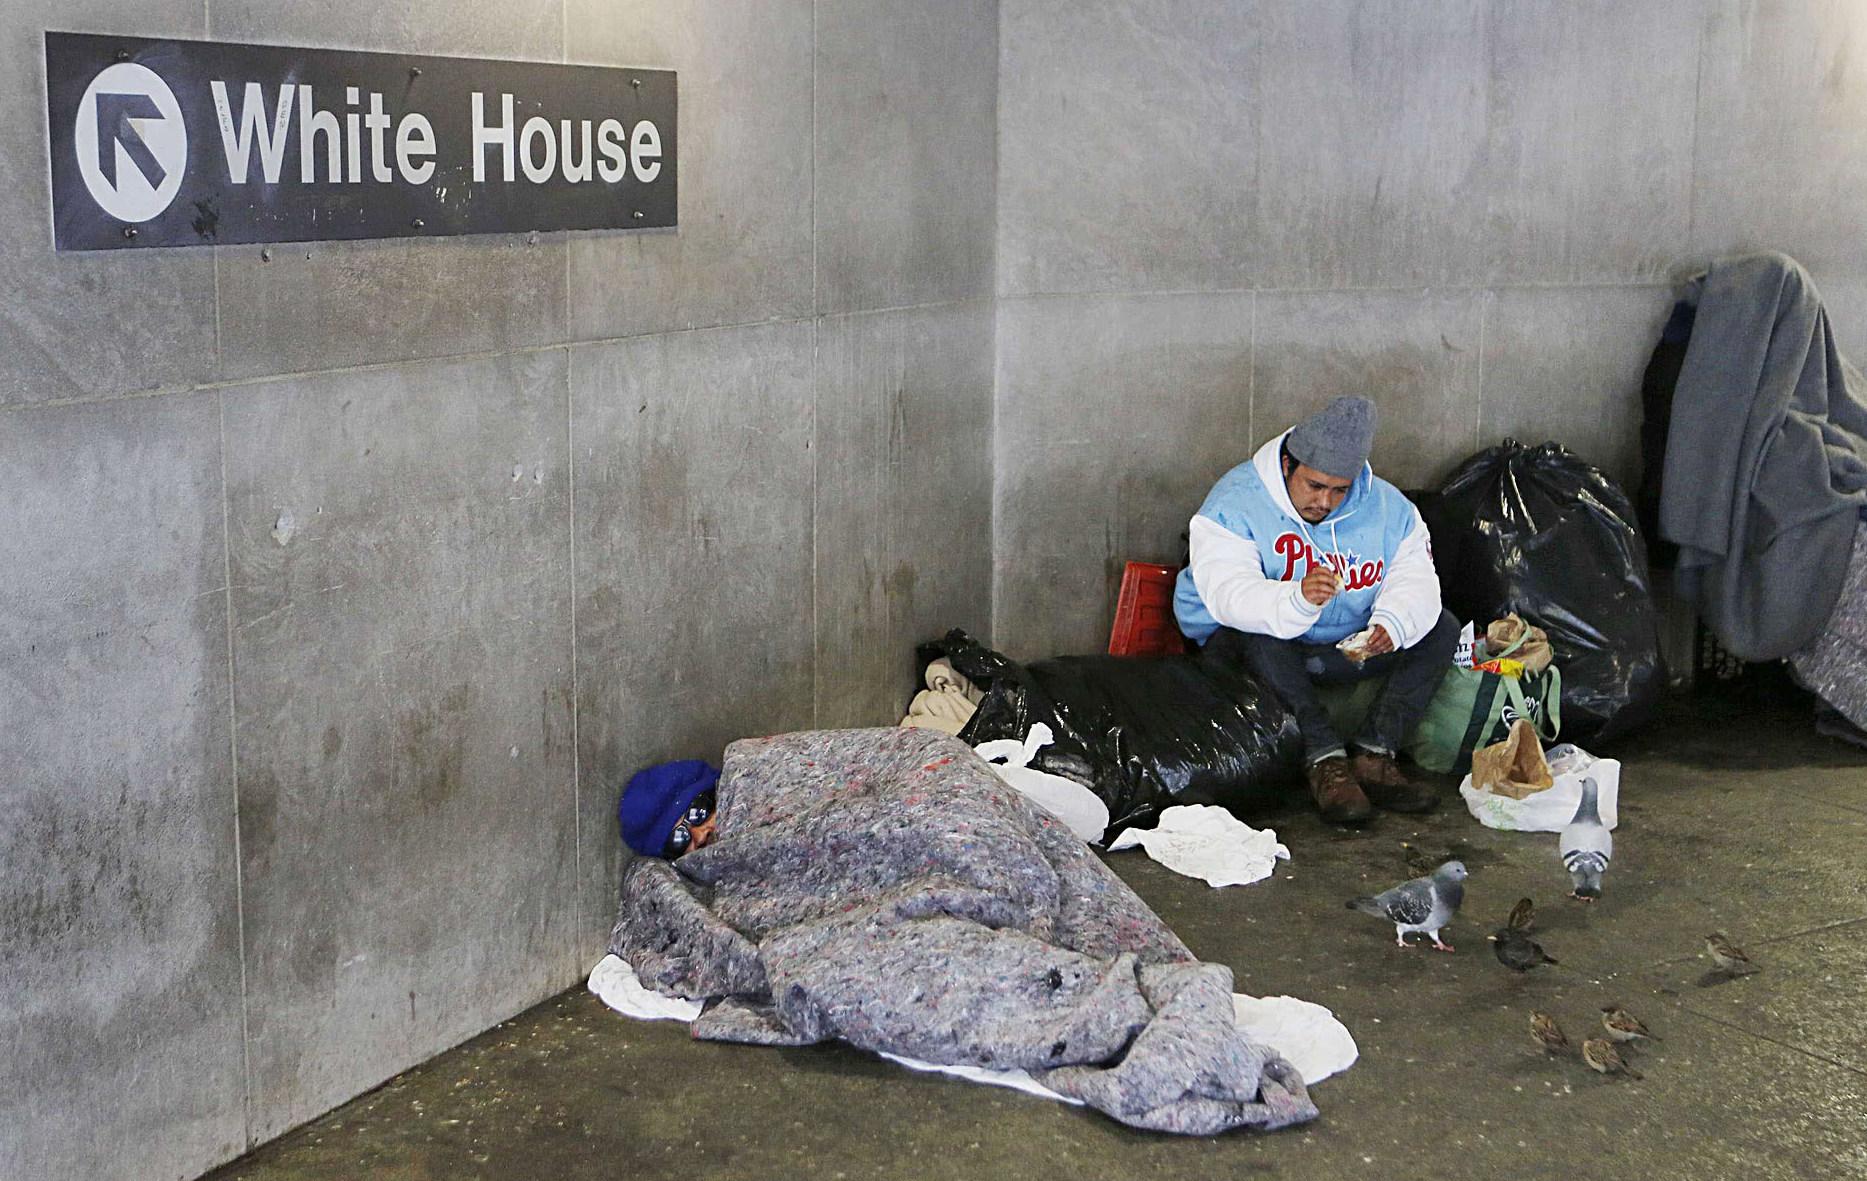 Άστεγοι στο μετρό της Ουάσινγκτον.